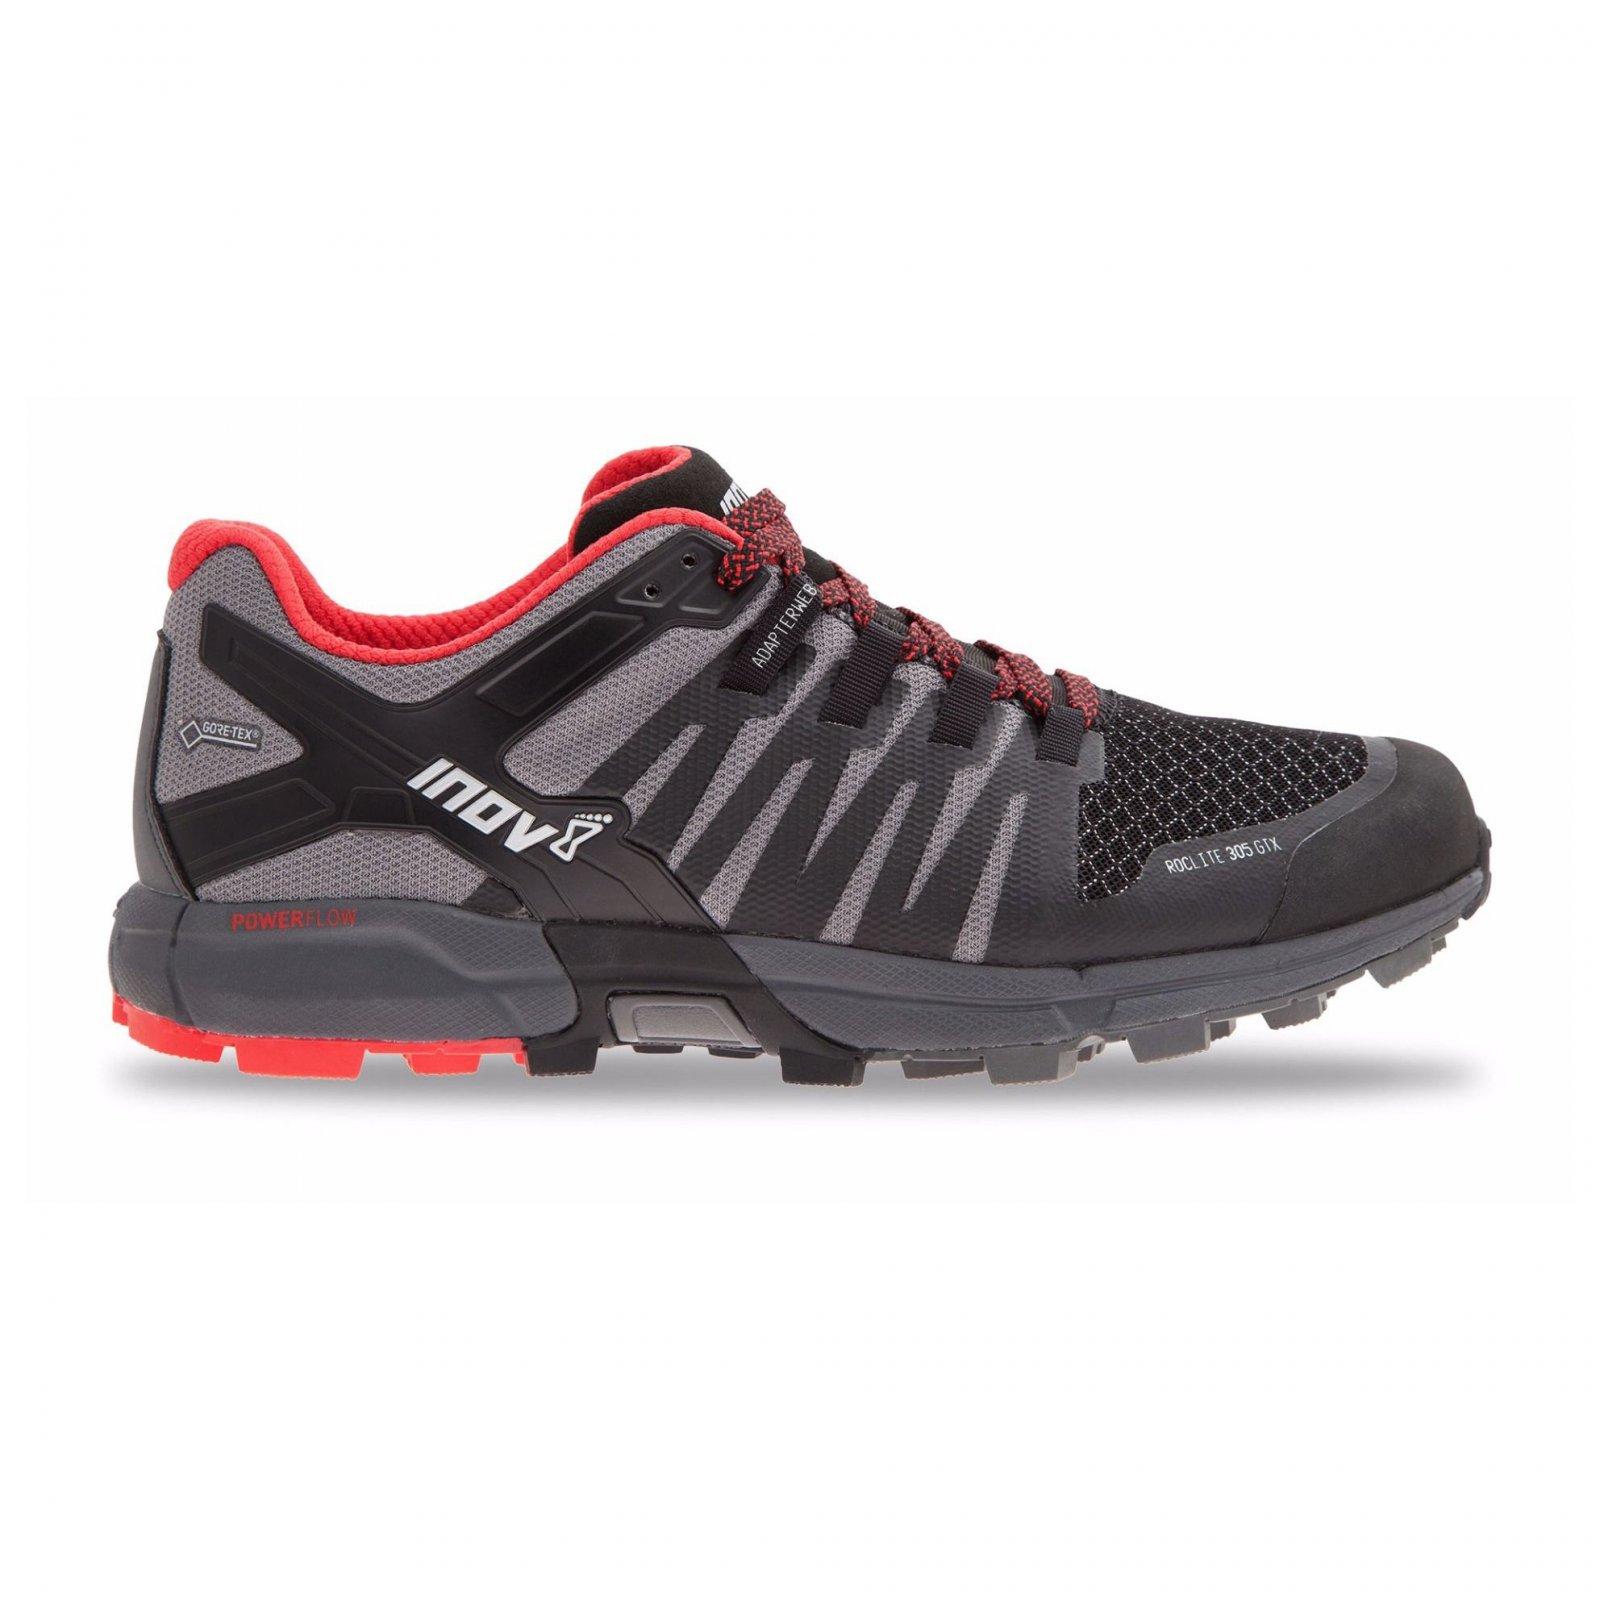 a108328df1 Trailové boty Inov-8 Roclite 305 GTX (M) 000556-BKGYRD-M-01 ...